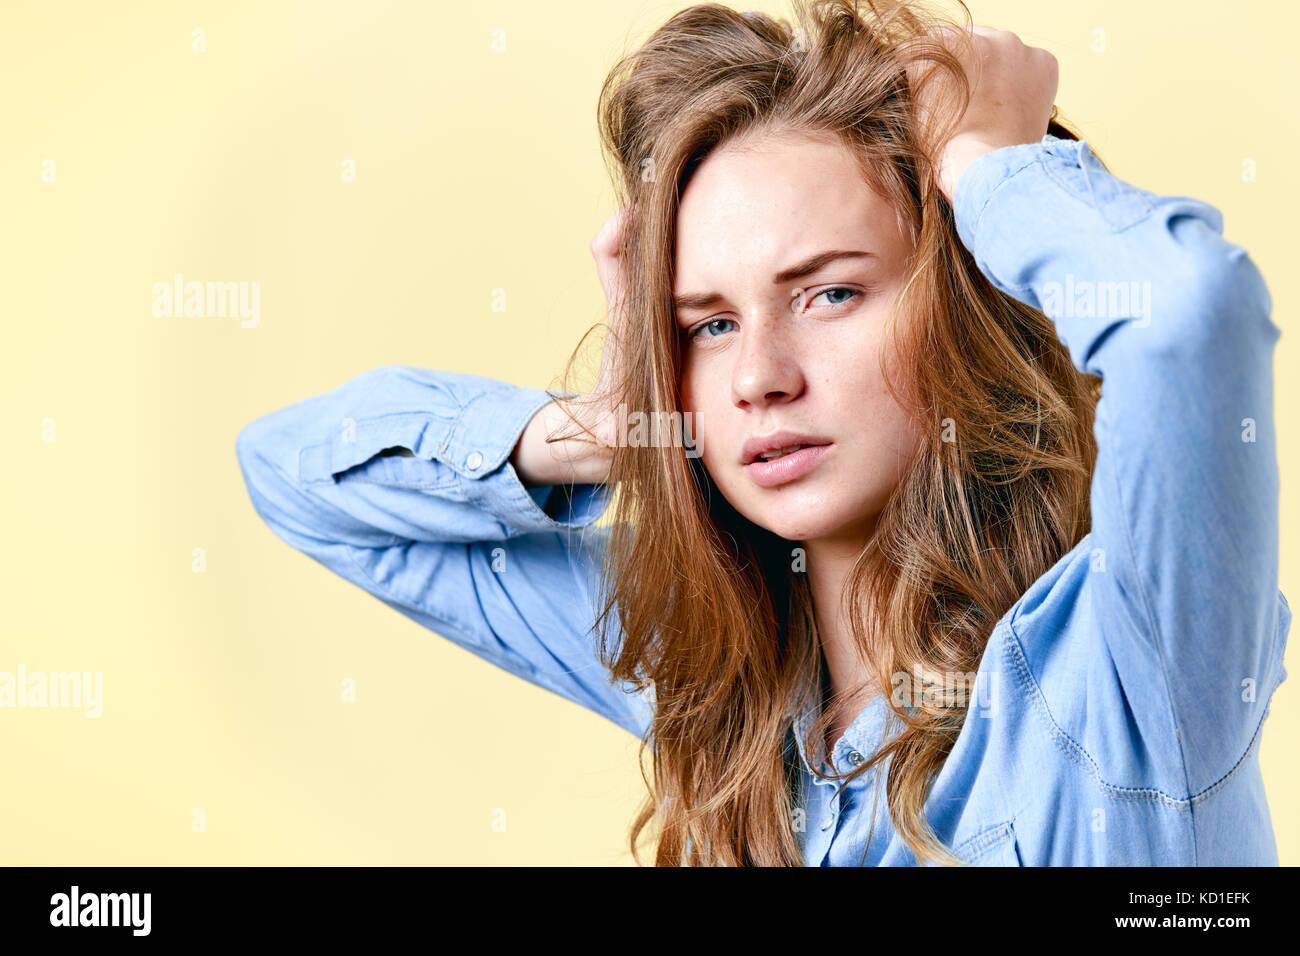 Junge Teenager verzweifelt Rothaarige mit Sommersprossen ihr Haar ziehen. müde, gestresst und Studentin deprimiert. Stockfoto